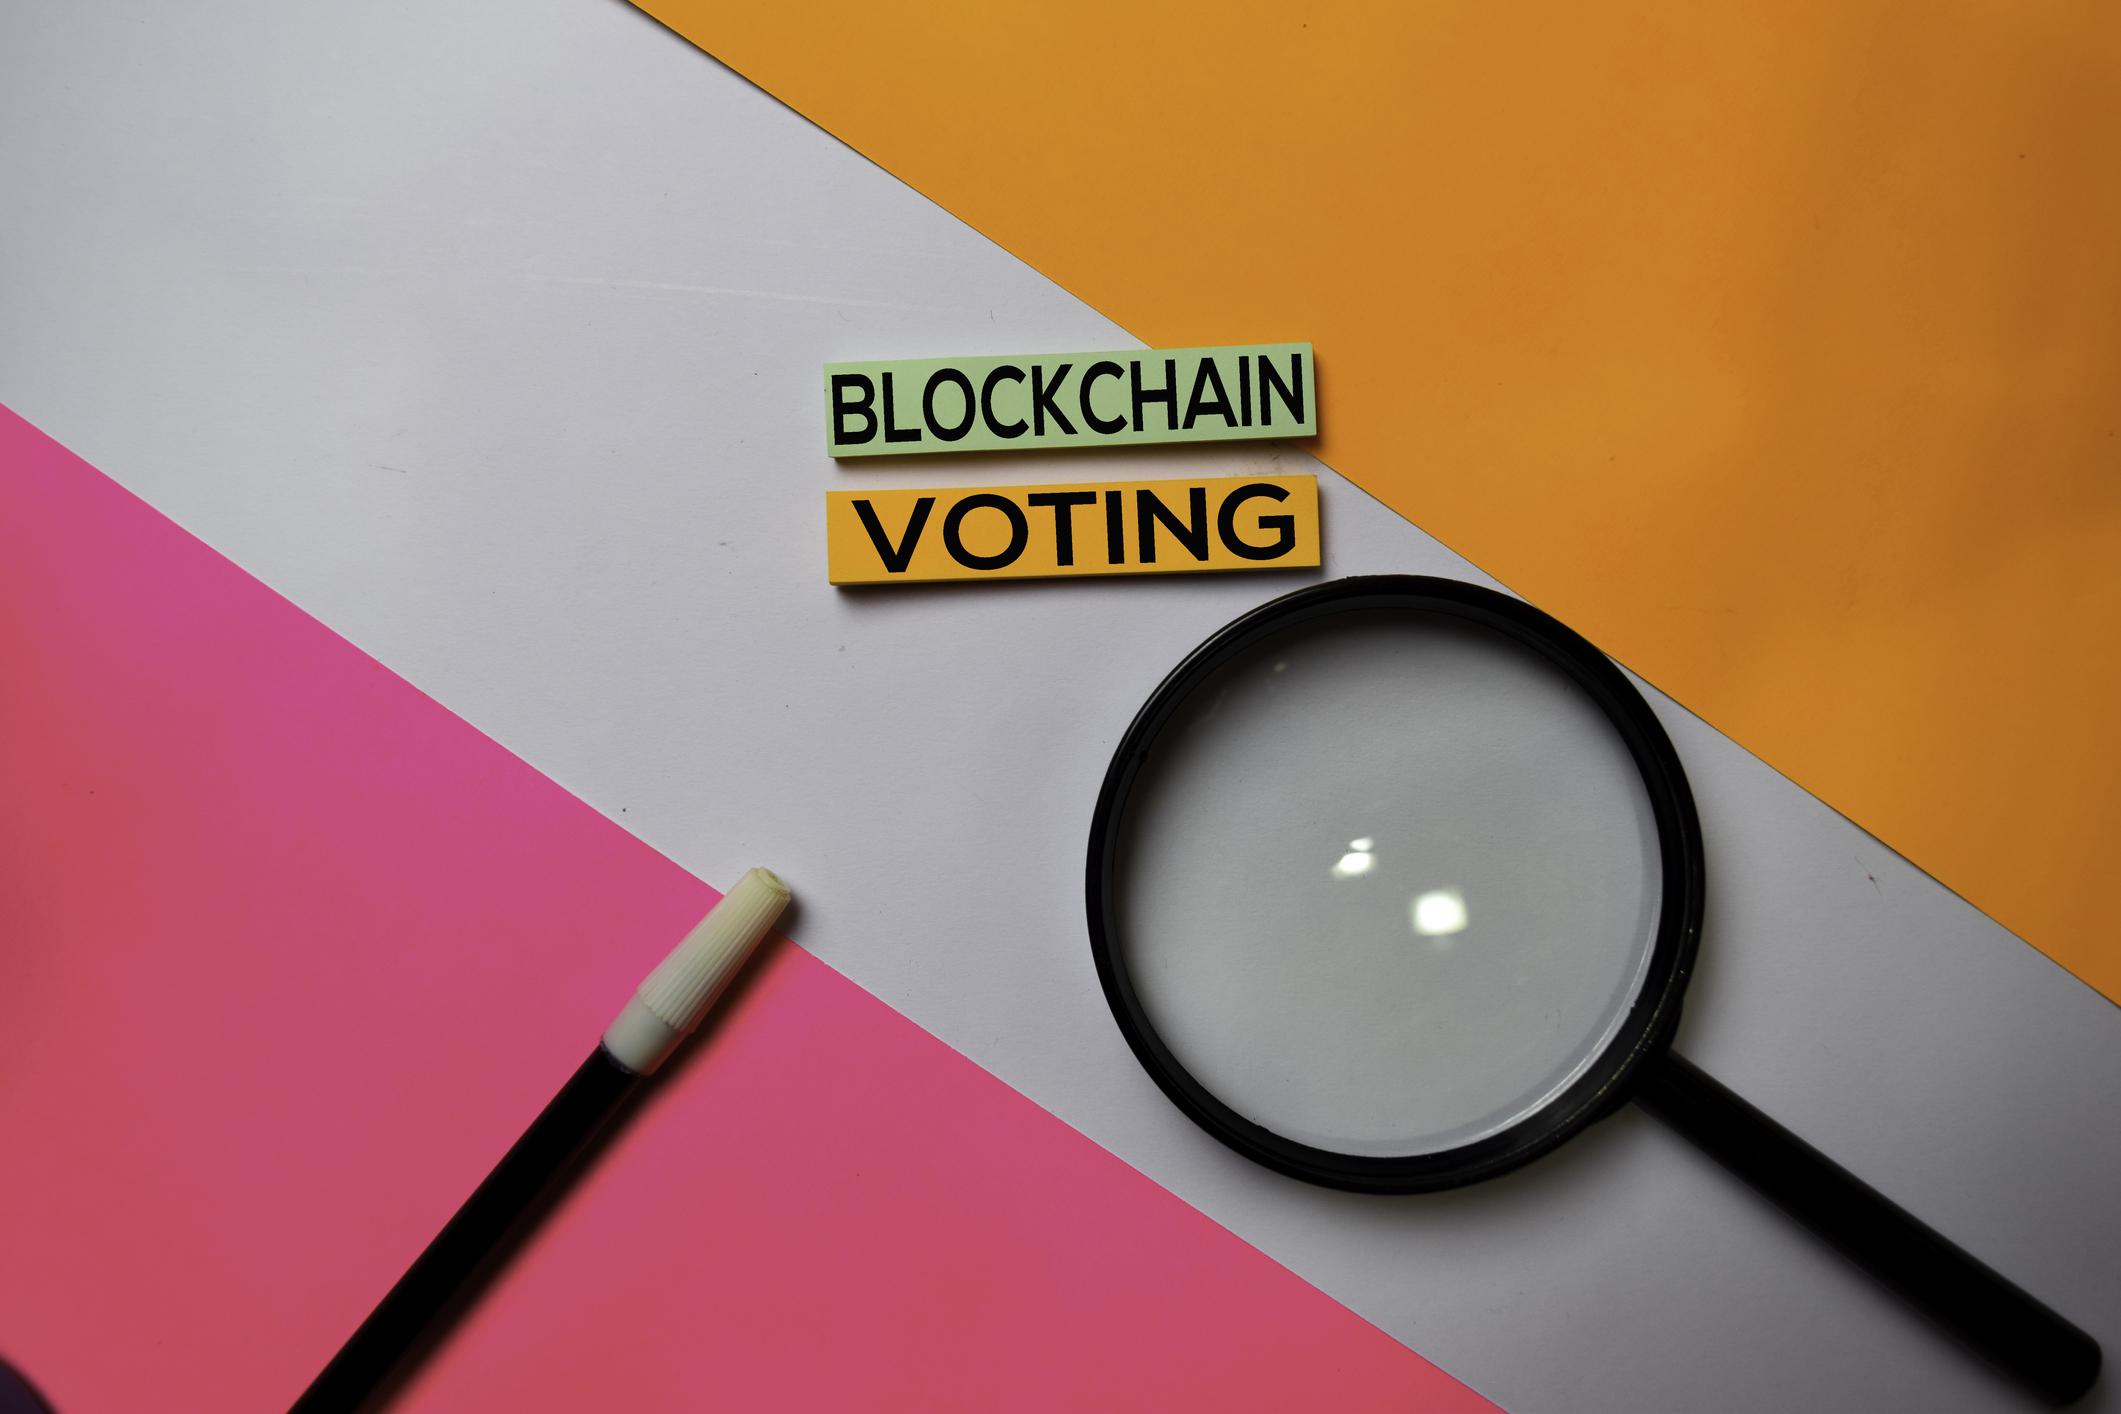 Explozia sesiunilor de votare bazate pe blockchain: numărul acestora s-a triplat anul trecut